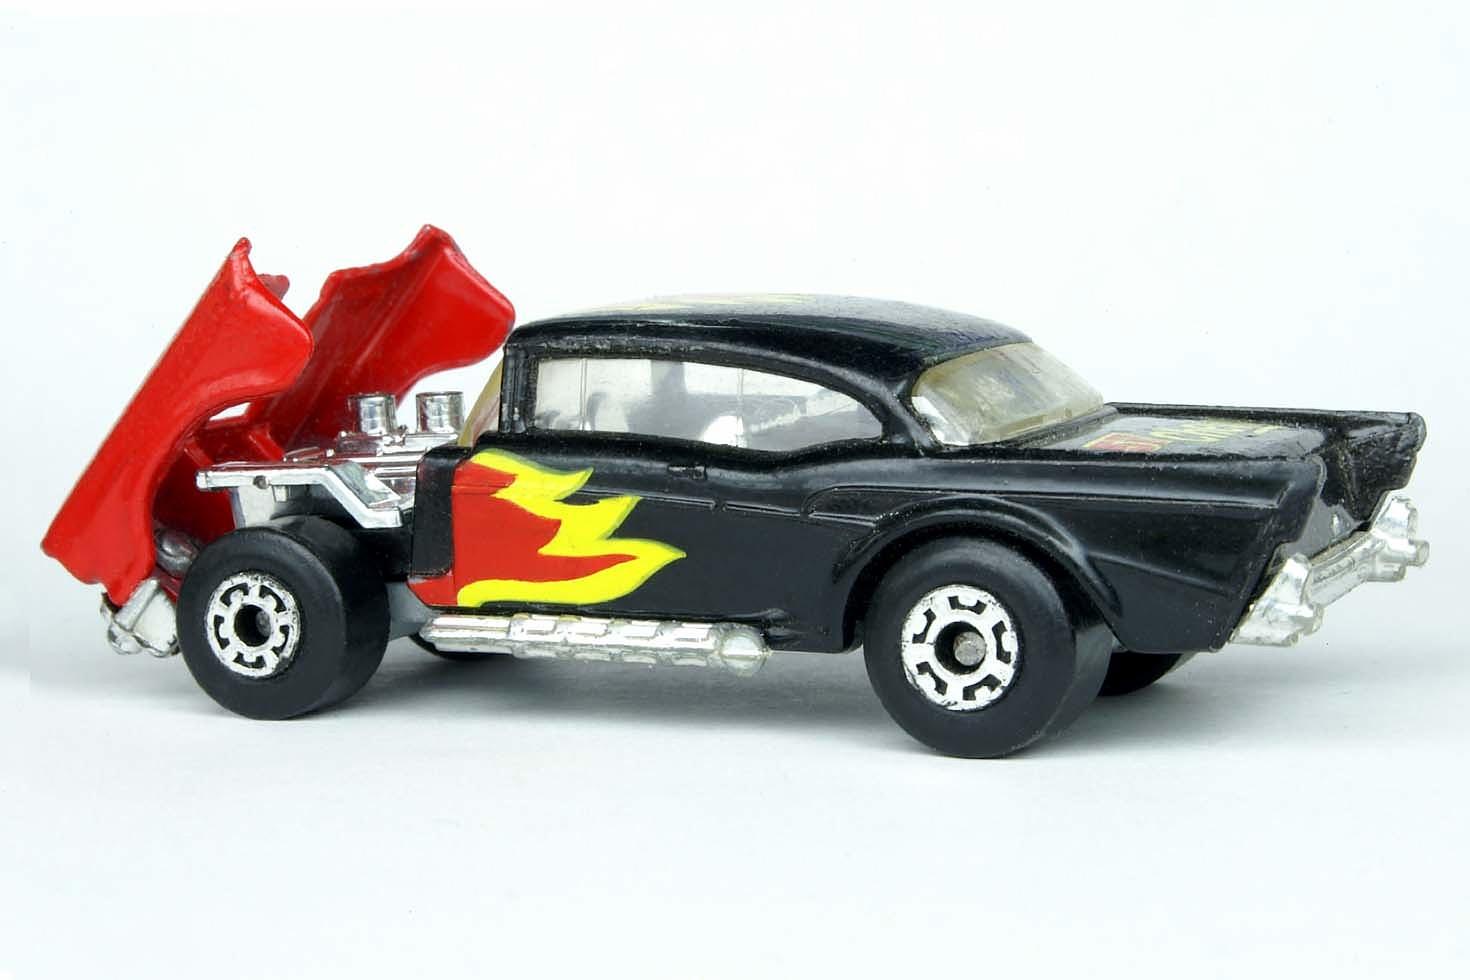 57 Chevy Matchbox Cars Wiki Fandom Powered By Wikia